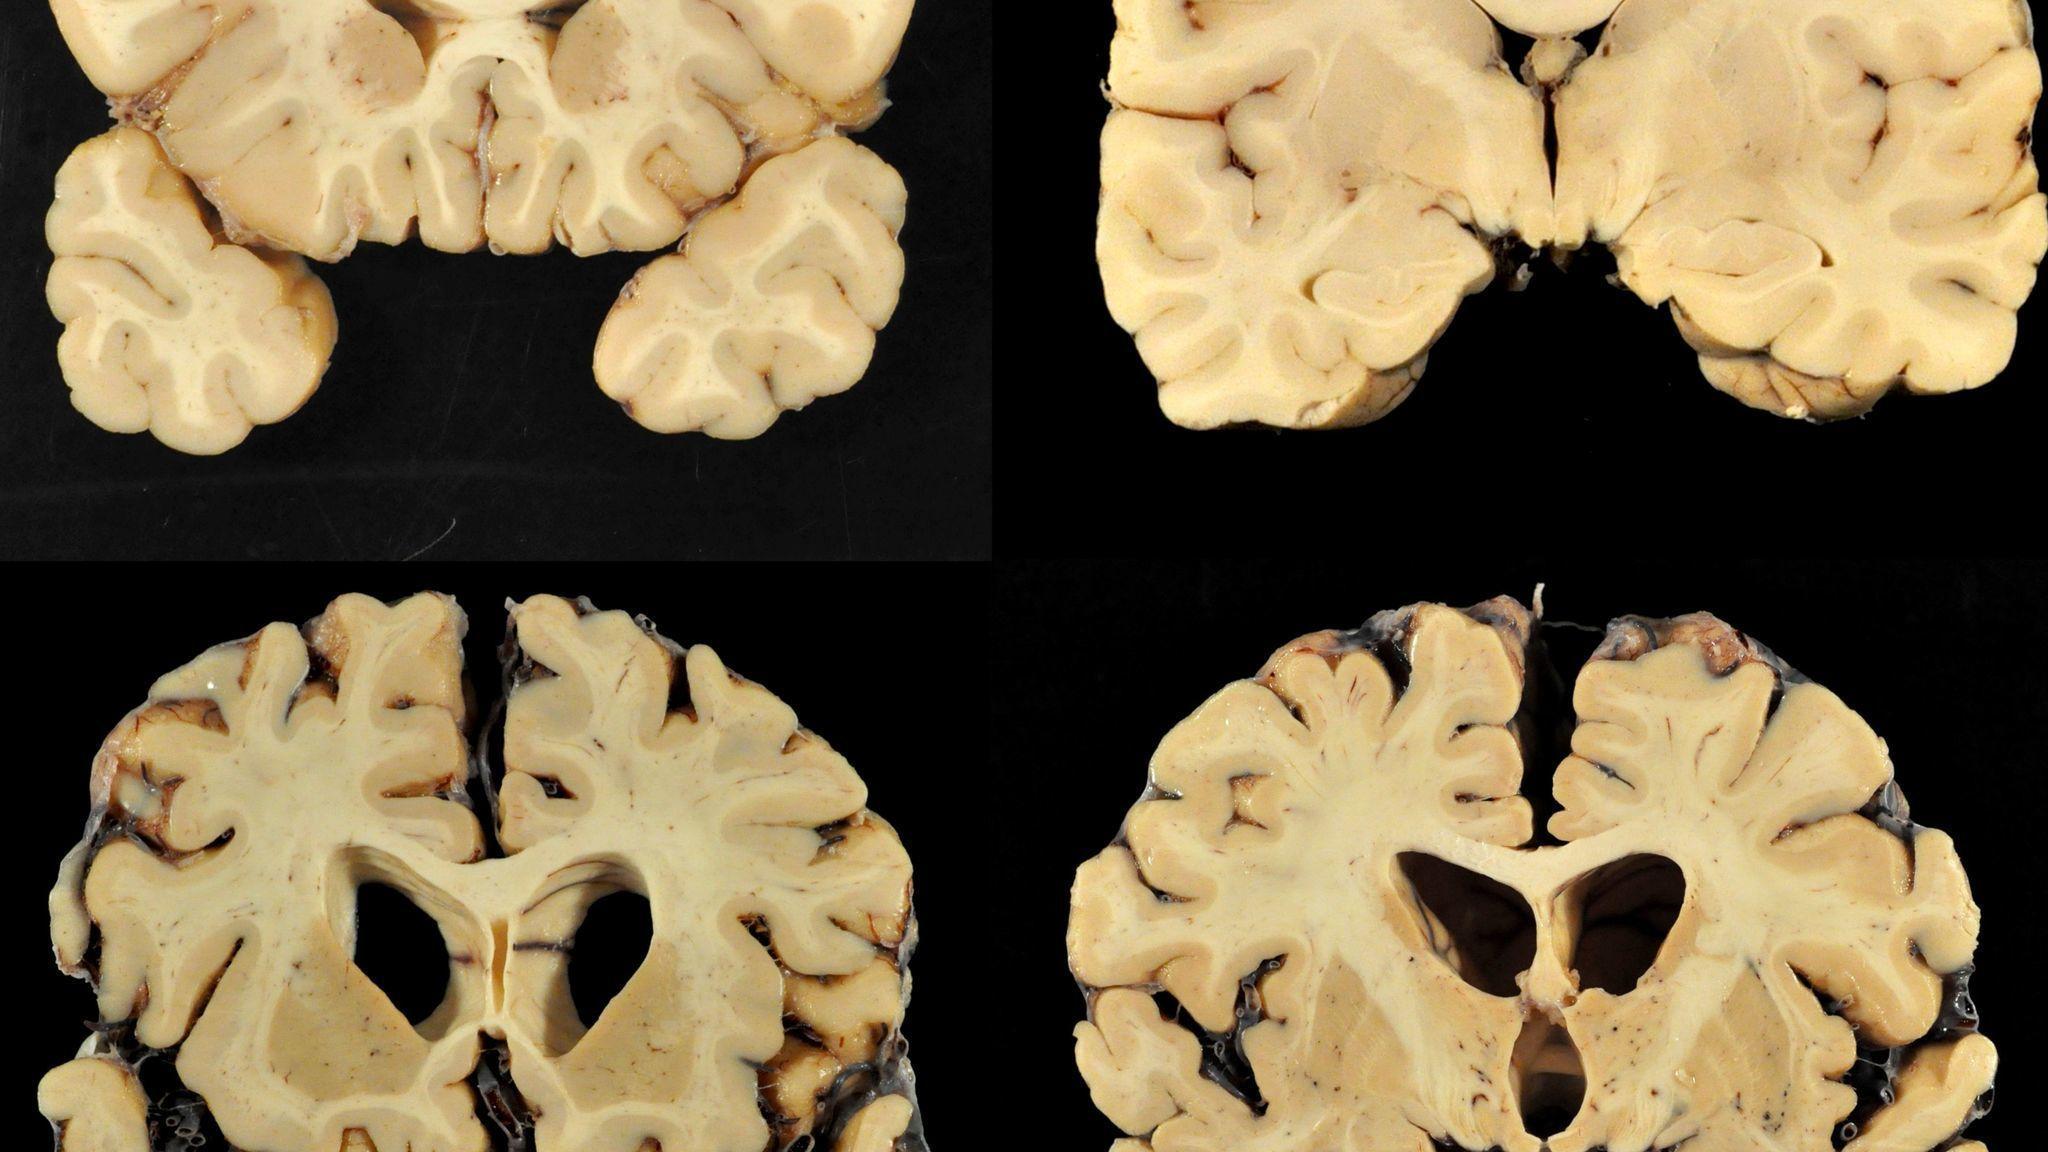 Sd-sp-pfd-concussion-cte-hysteria-truth-0726